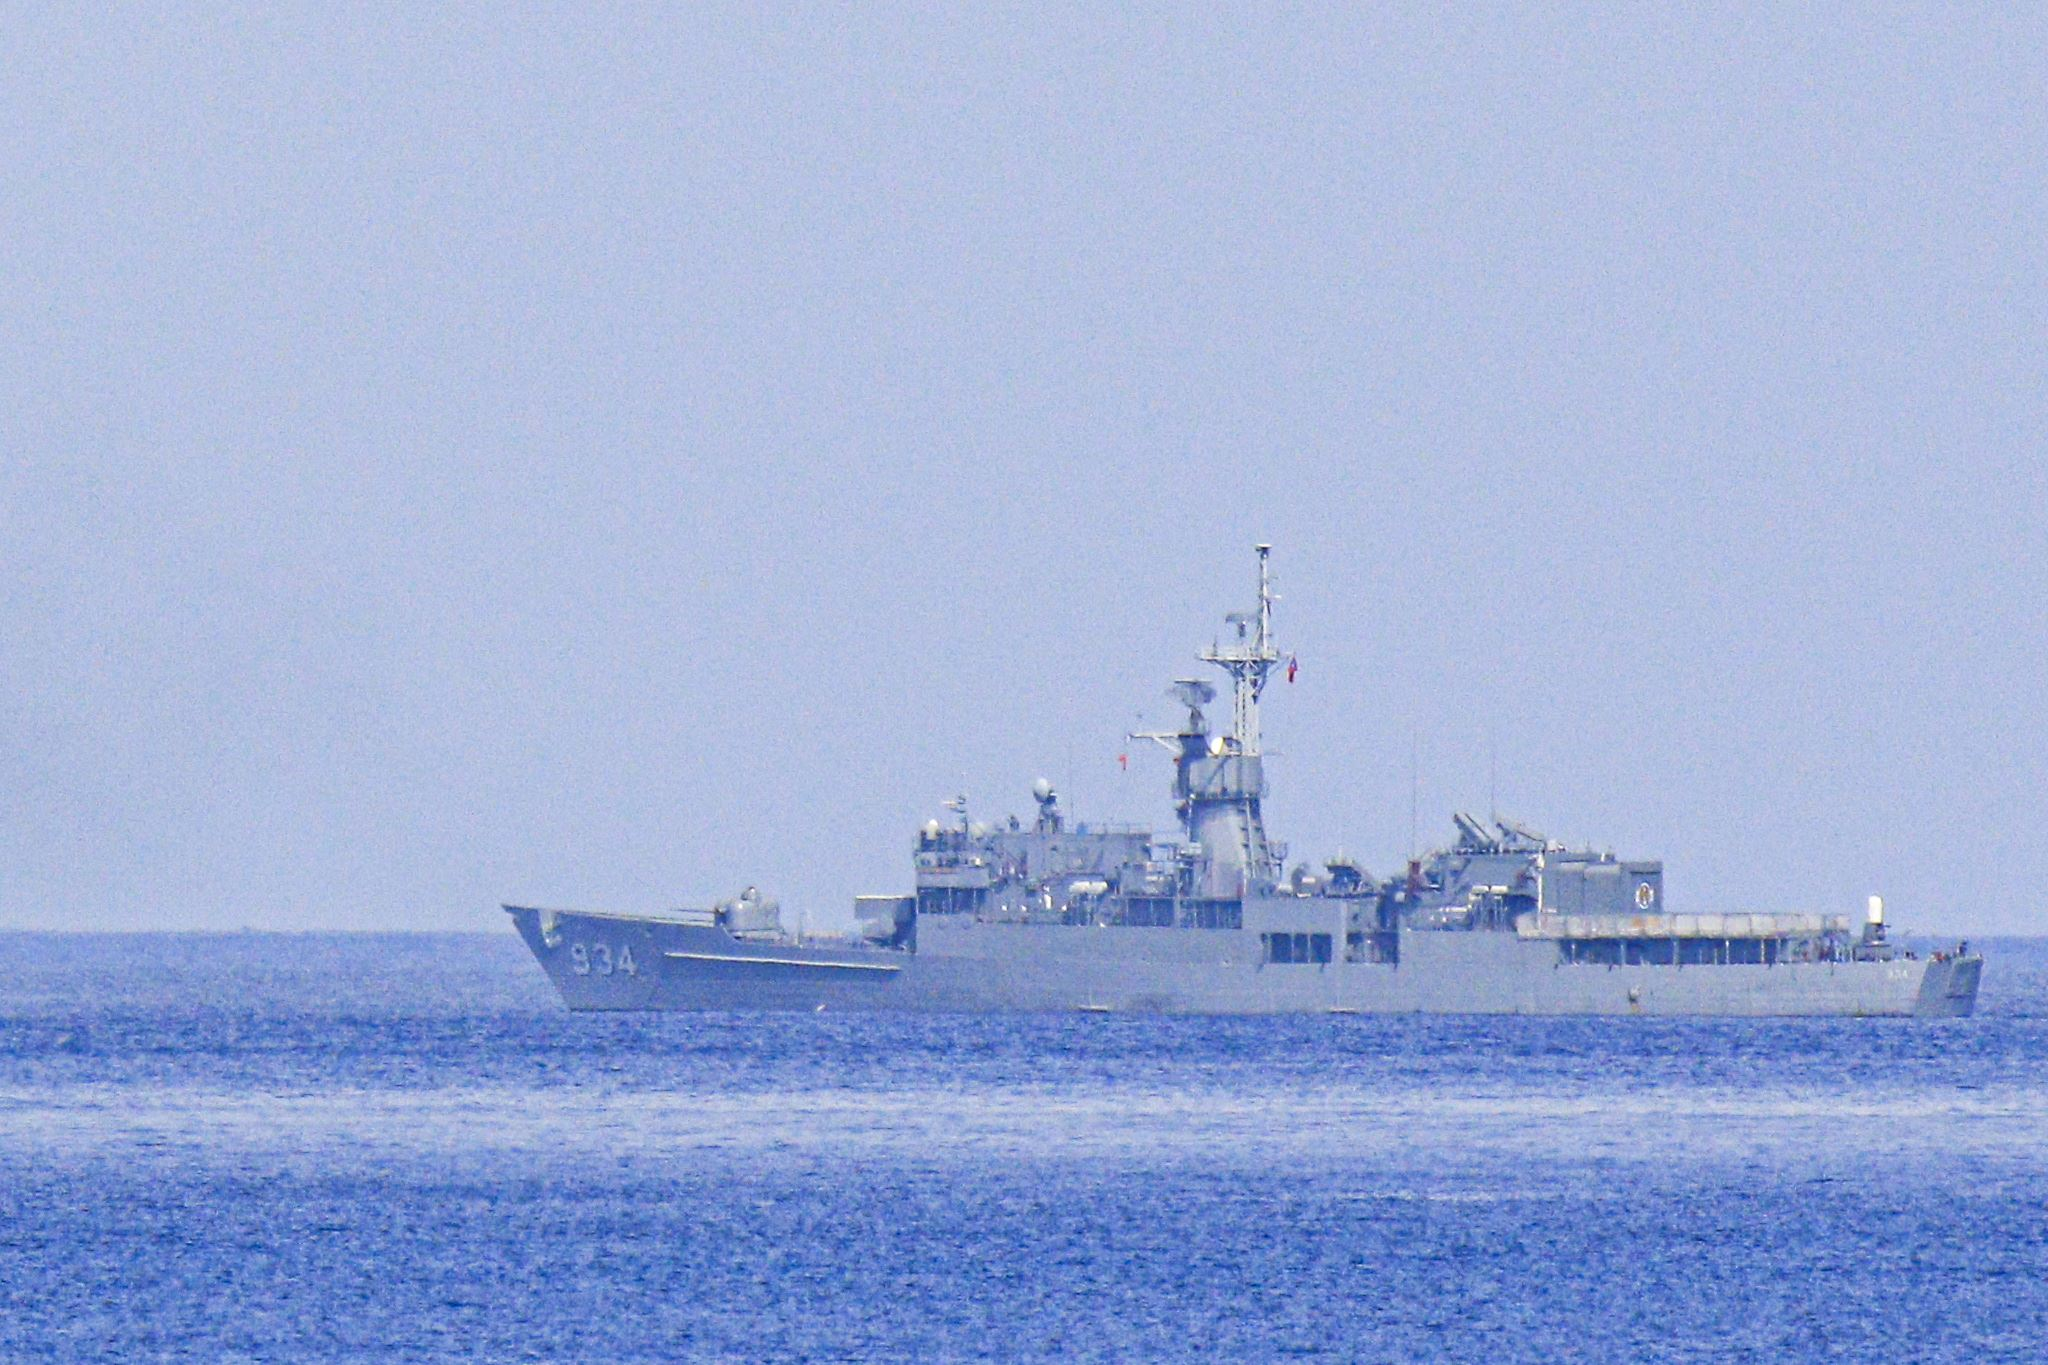 漢光卅五號演習於屏東滿豐射擊場實施,圖為FFG-934汾陽軍艦(濟陽級巡防艦)。〔記者林士傑/屏東拍攝〕